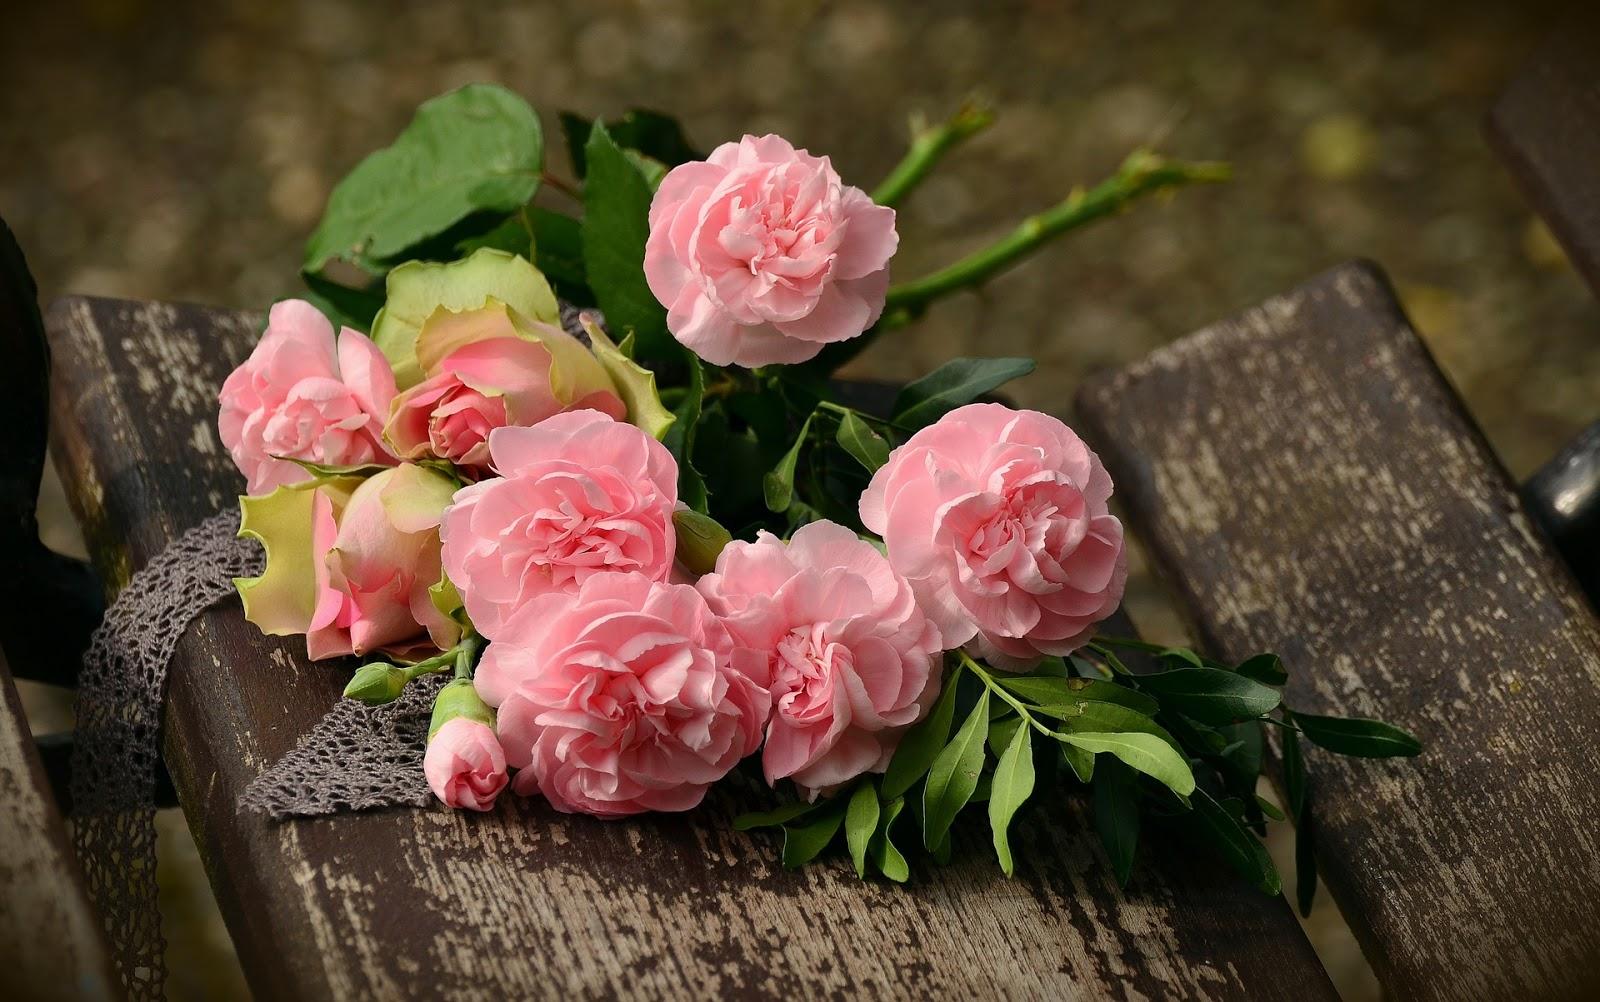 gambar bunga mawar | ros